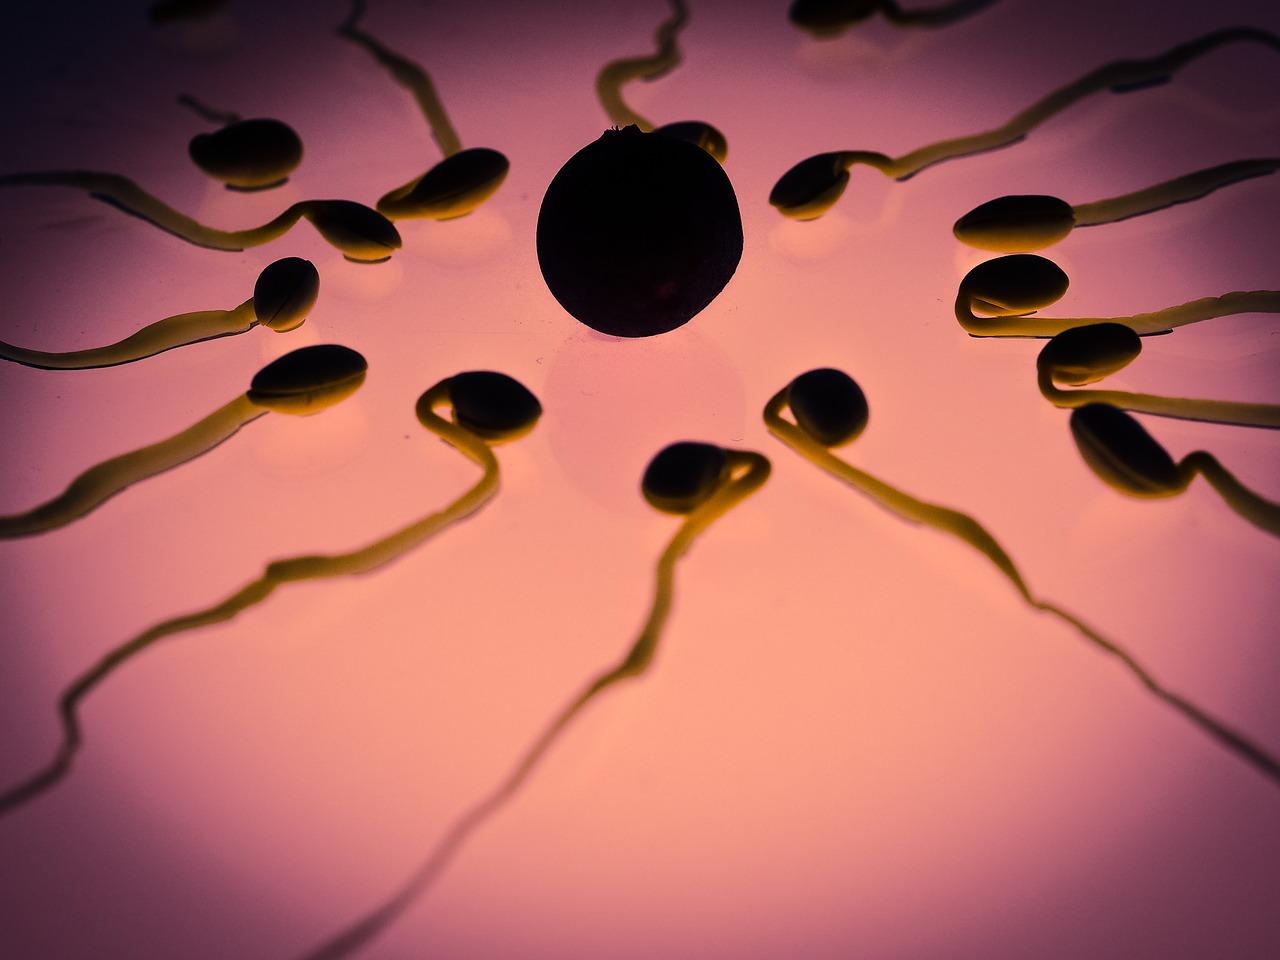 A spermakép javítható, de a javulás nem minden esetben lesz tartós